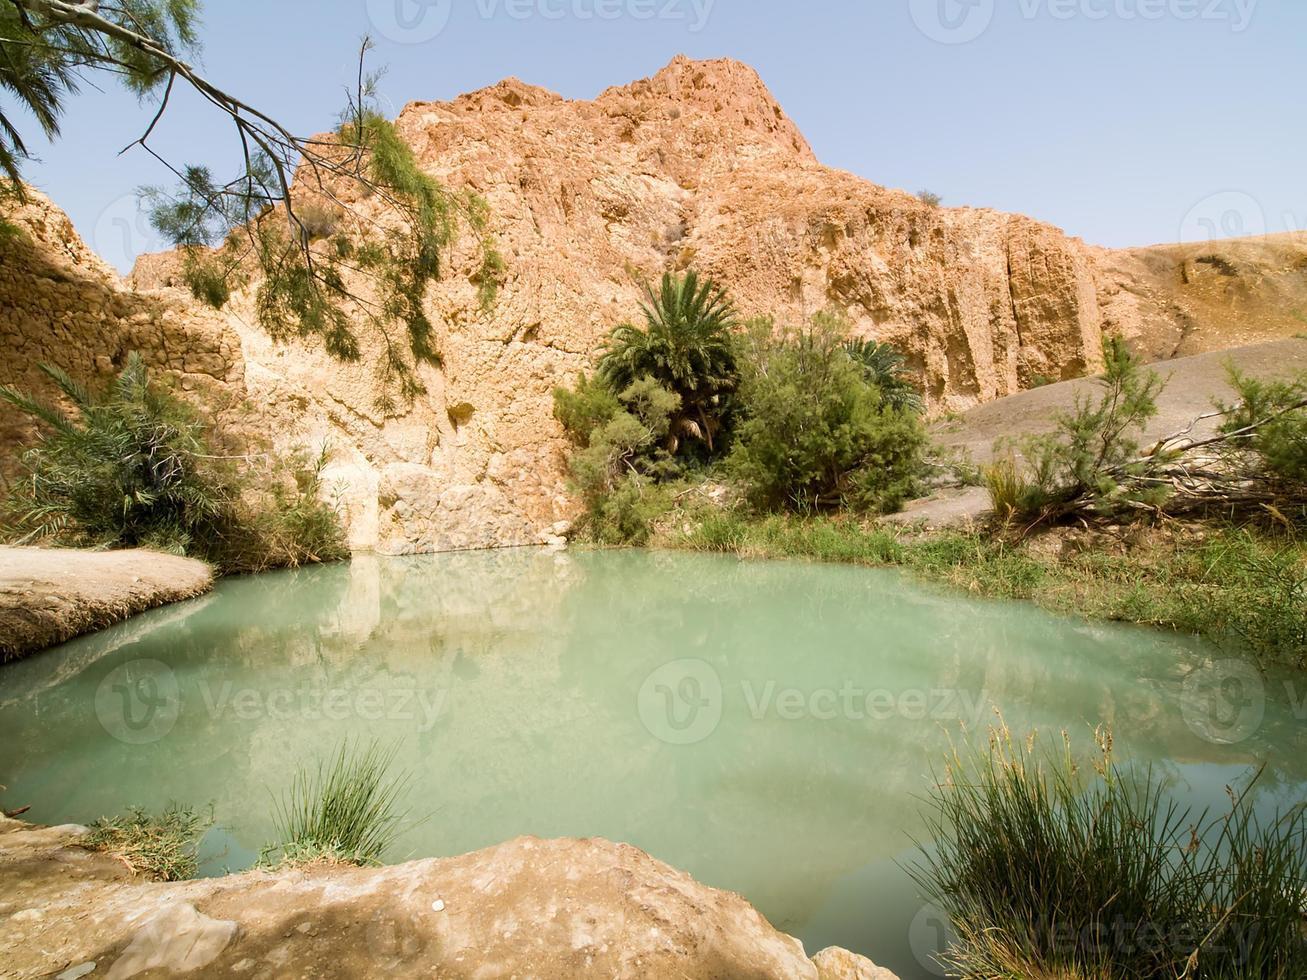 Oase in der Wüste 3 foto